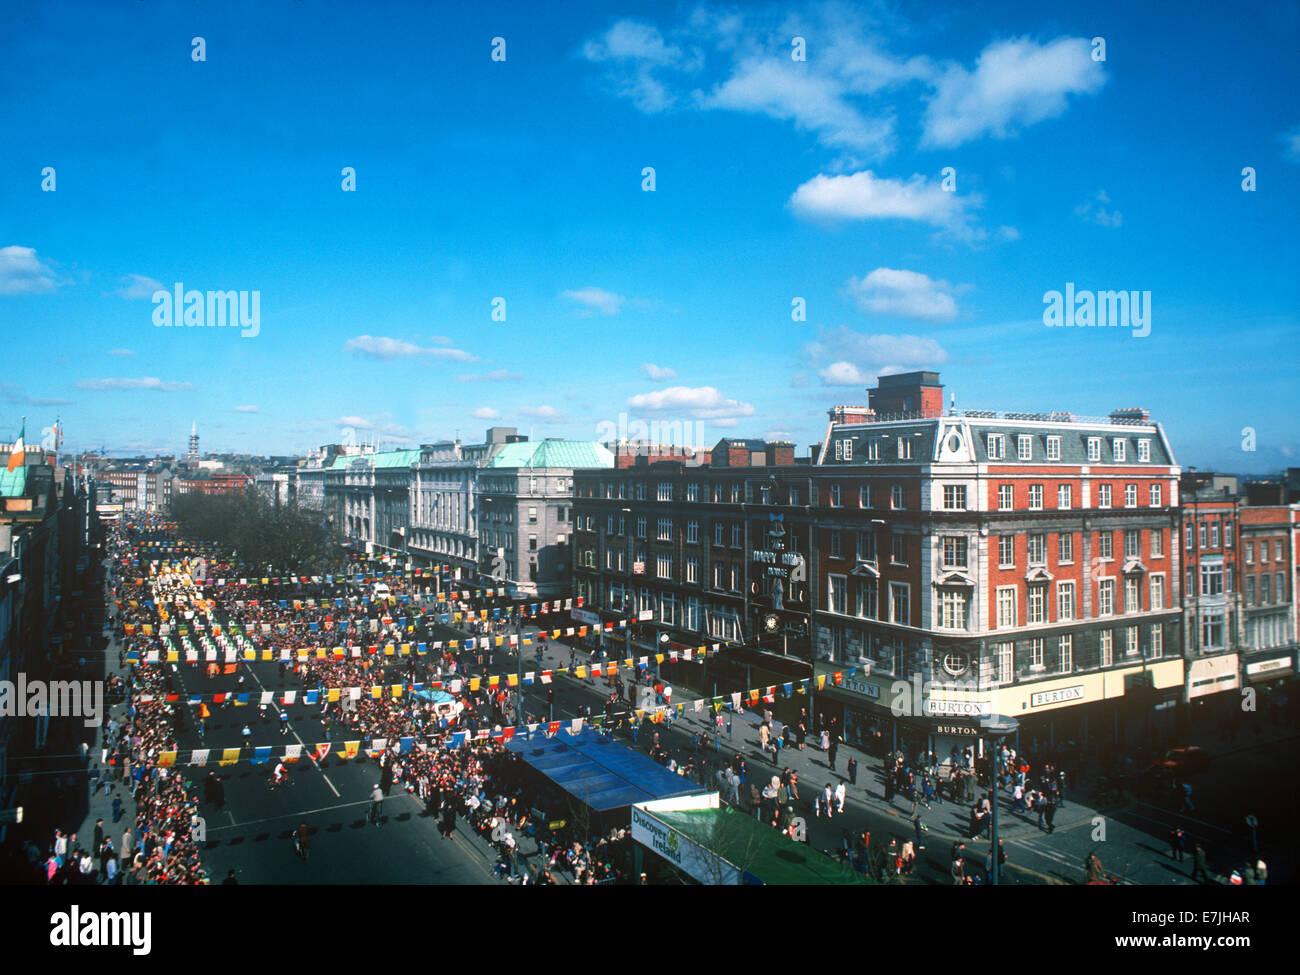 St. Patrick's Day Parade, Dublin, Ireland - Stock Image